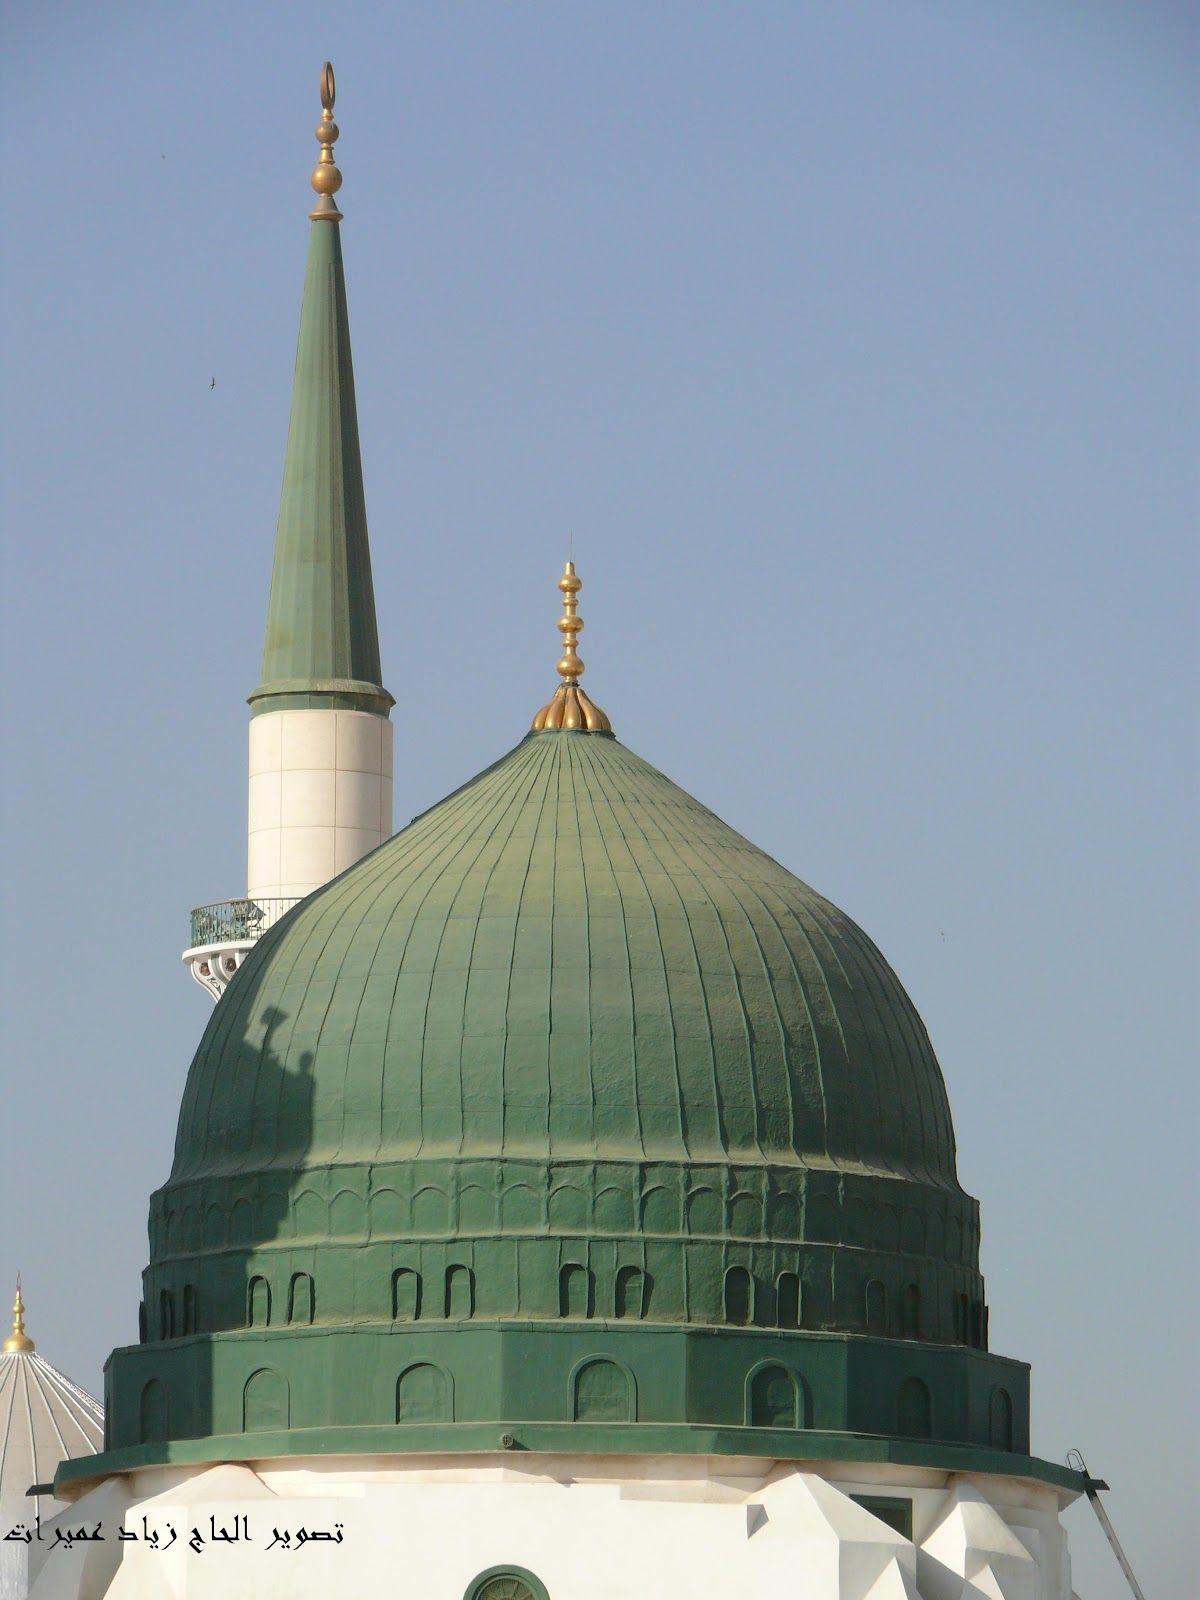 صورة عالية الجودة للتحميل المدينة المنورة Masjid Islamic Images Mosque